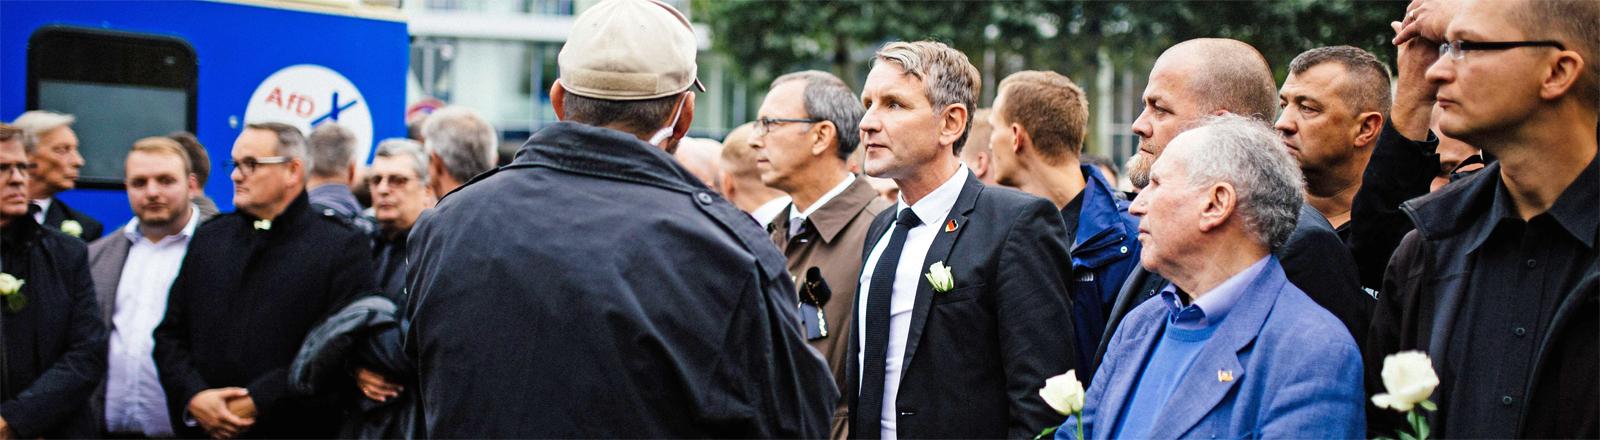 Sogenannter Schweigemarsch von AfD und Pegida - zentrale Figur Björn Höcke